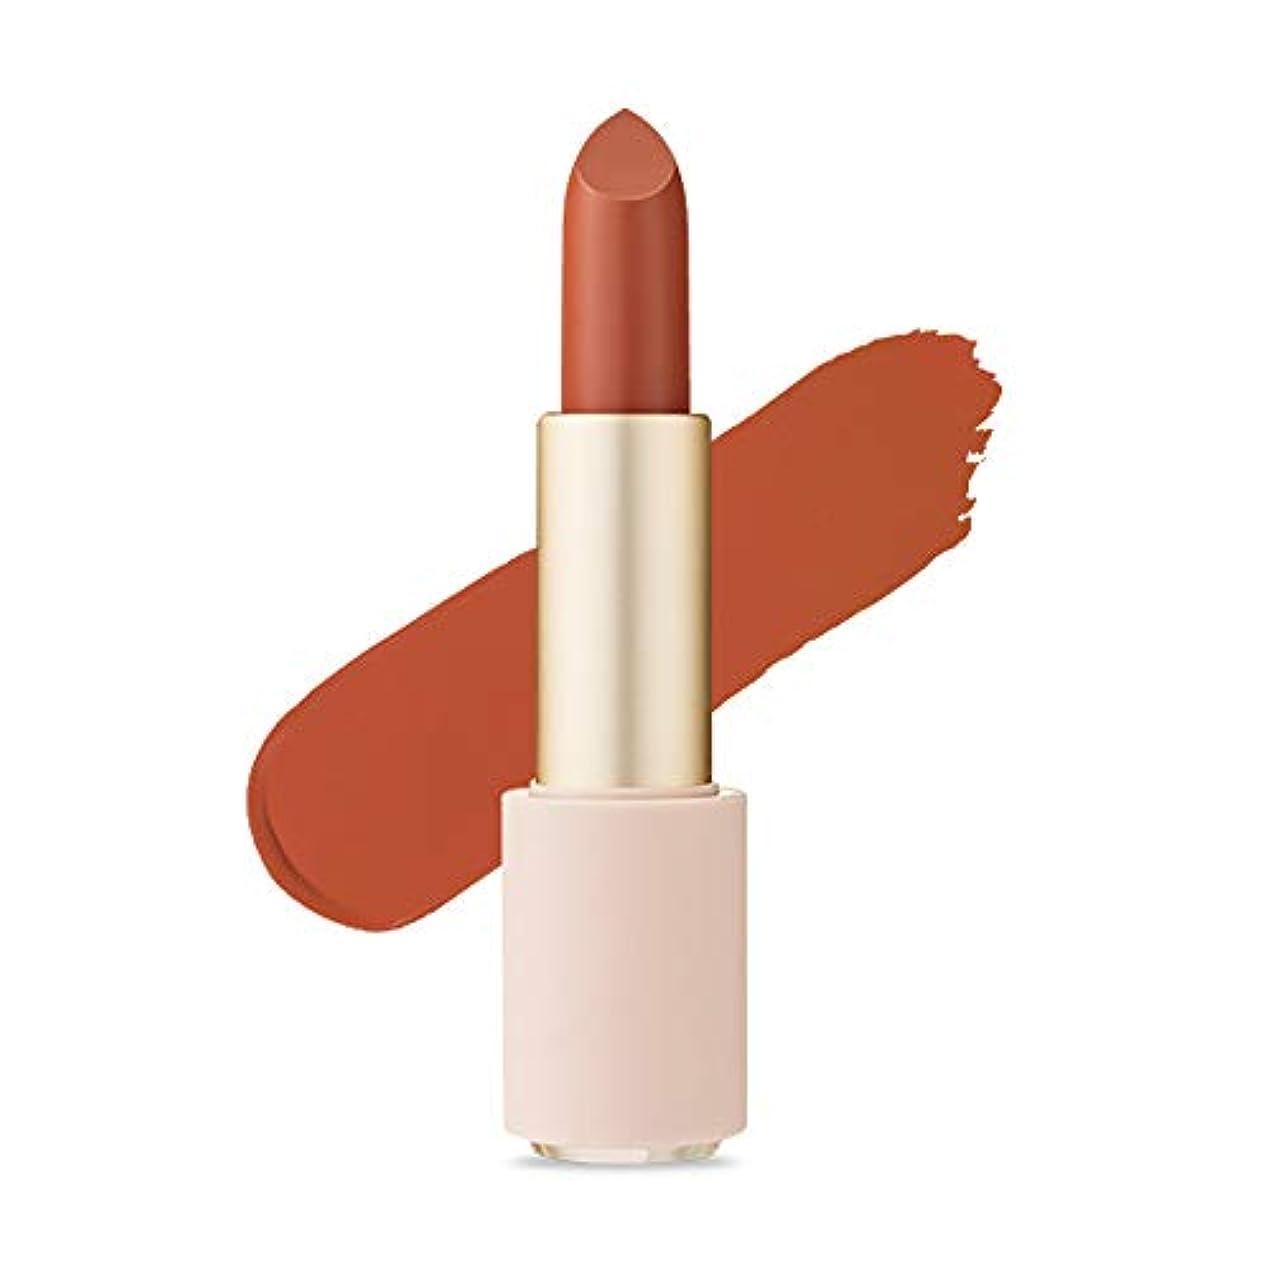 計算する追記宝石Etude House Better Lips Talk Velvet エチュードハウス ベター リップス - トーク ベルベット (# BE119 Orange Bianco) [並行輸入品]